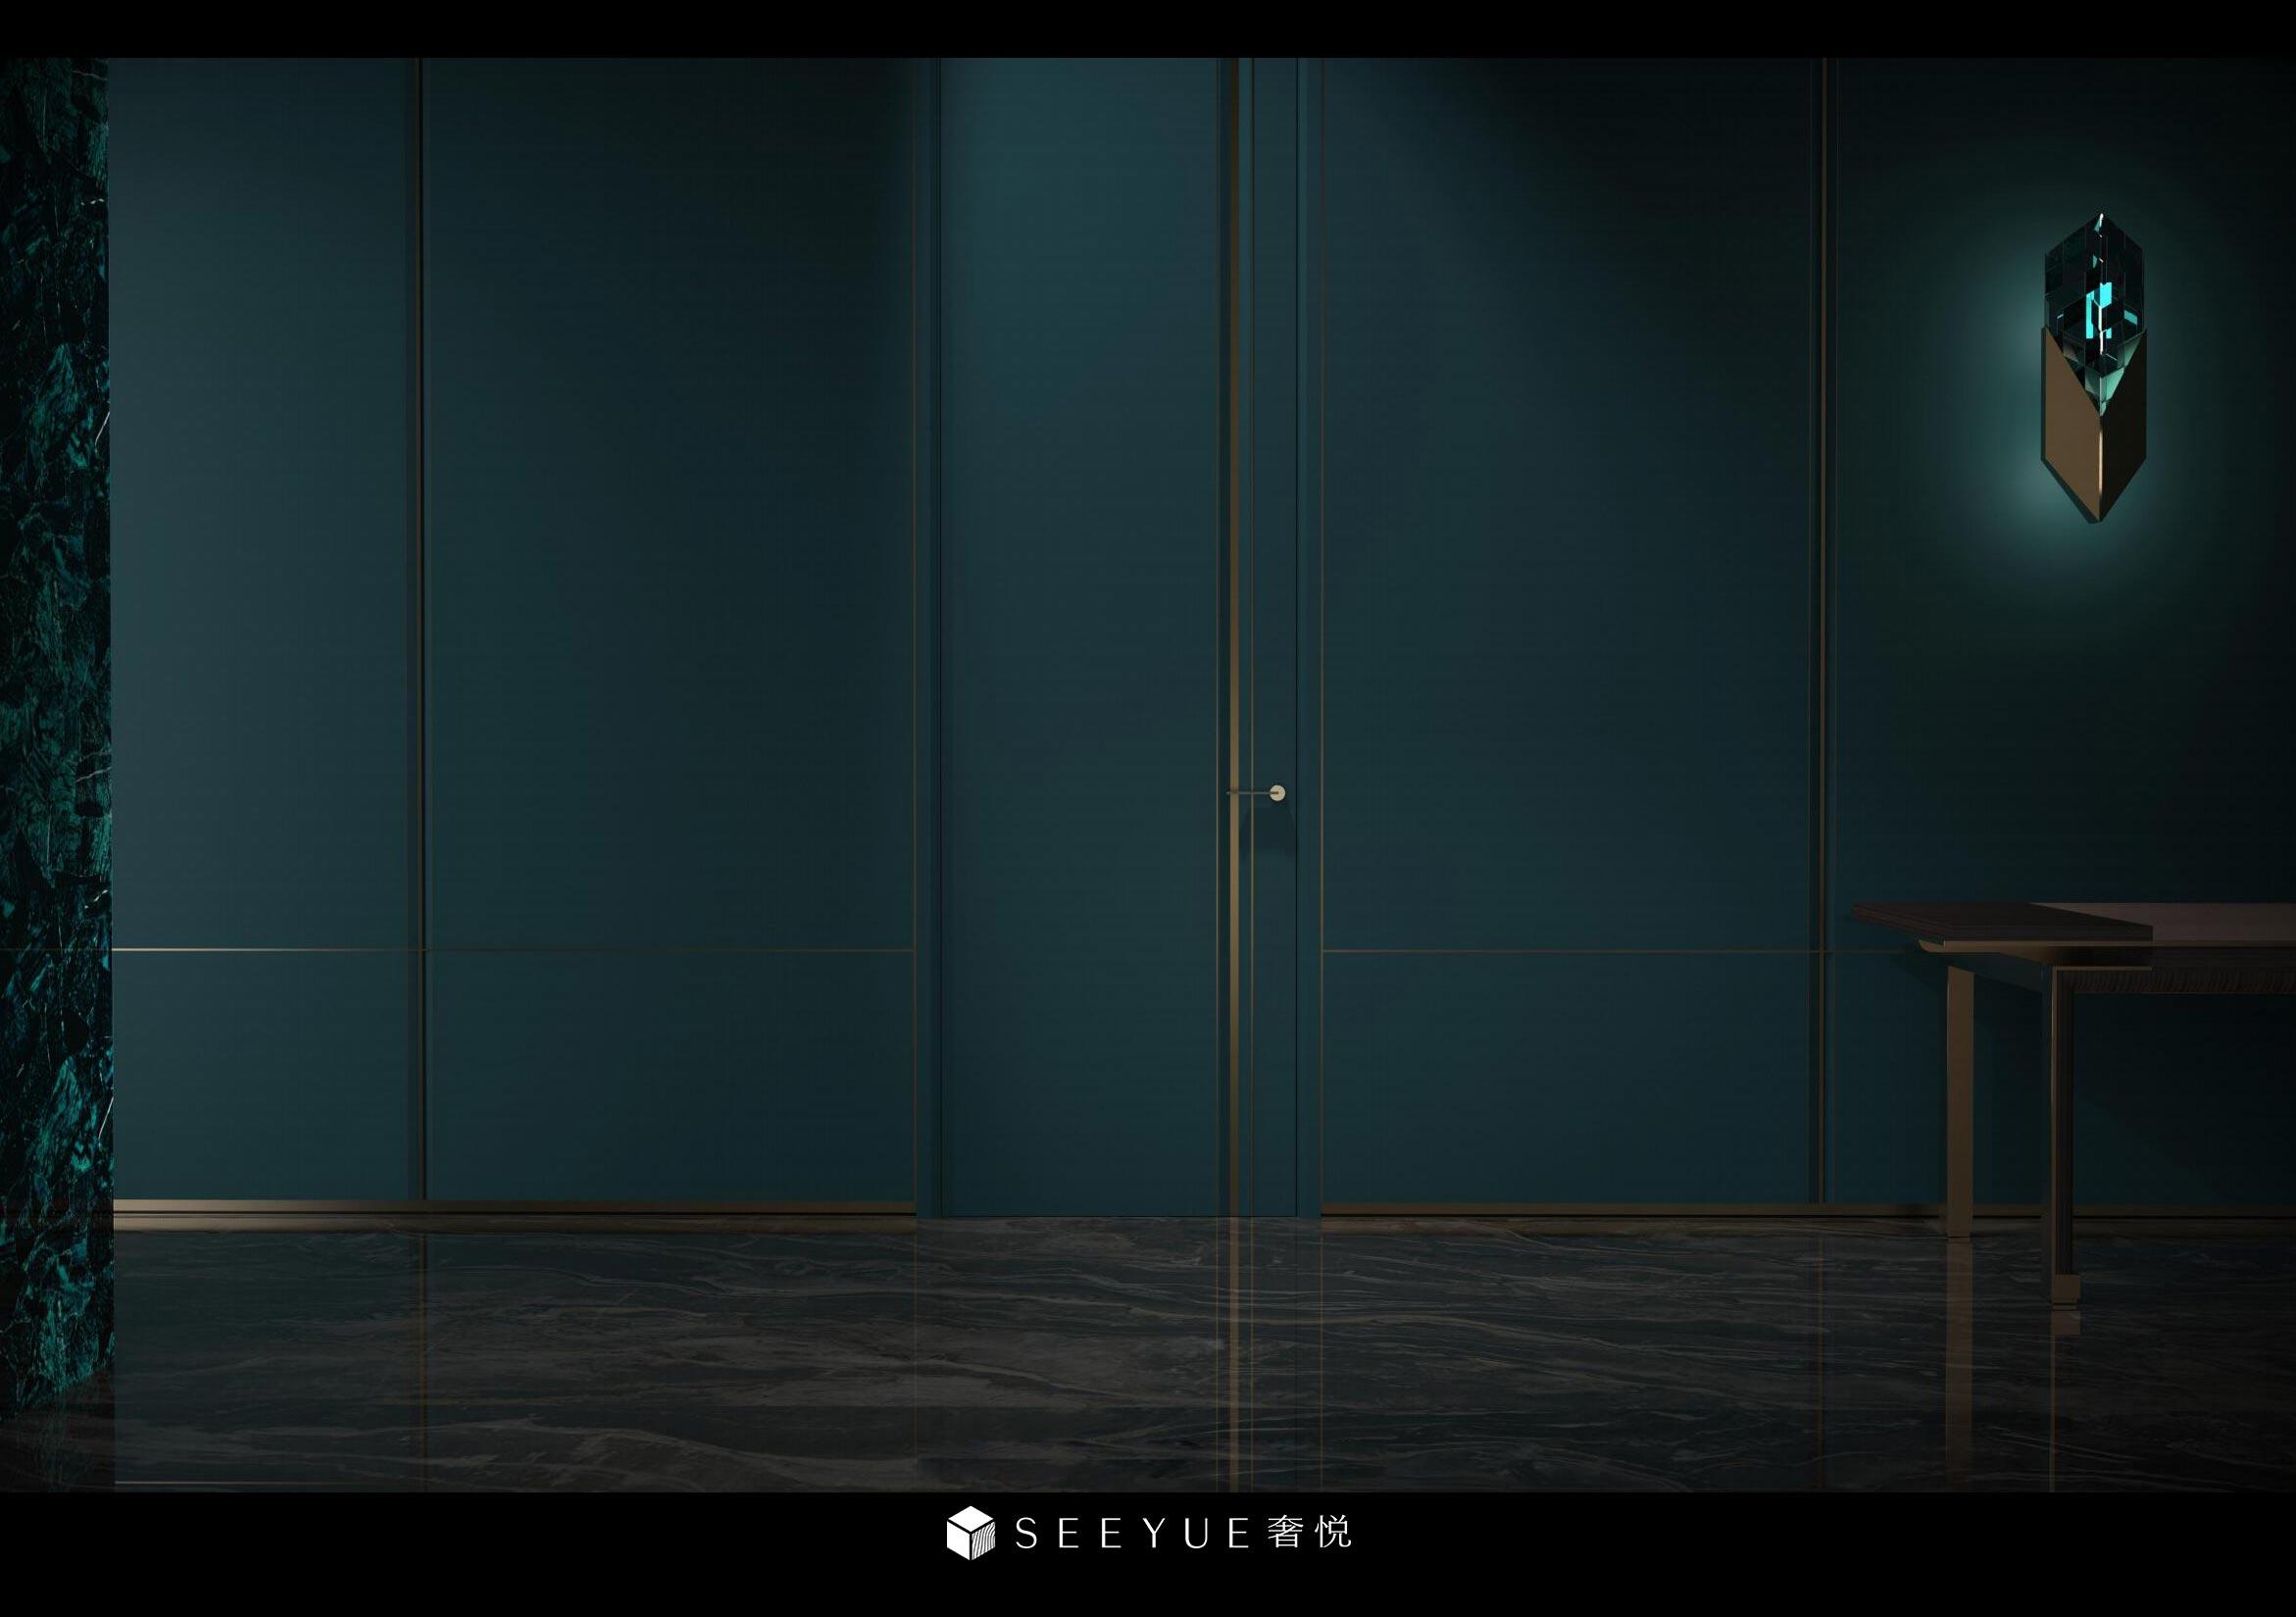 奢悦-门5